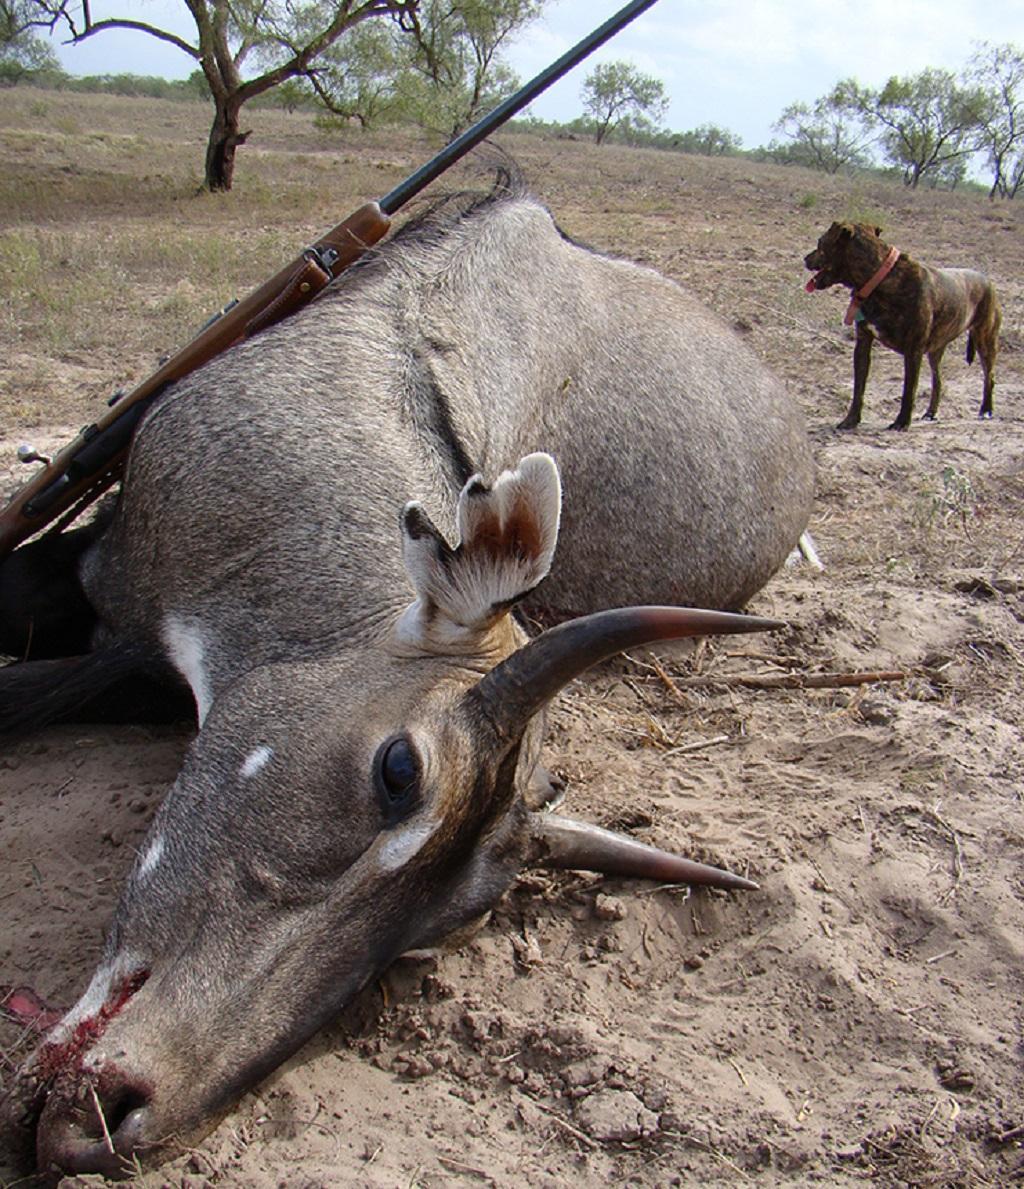 2016 में मारी गई एक नील गाय। फाइल फोटो: पुष्यमित्र